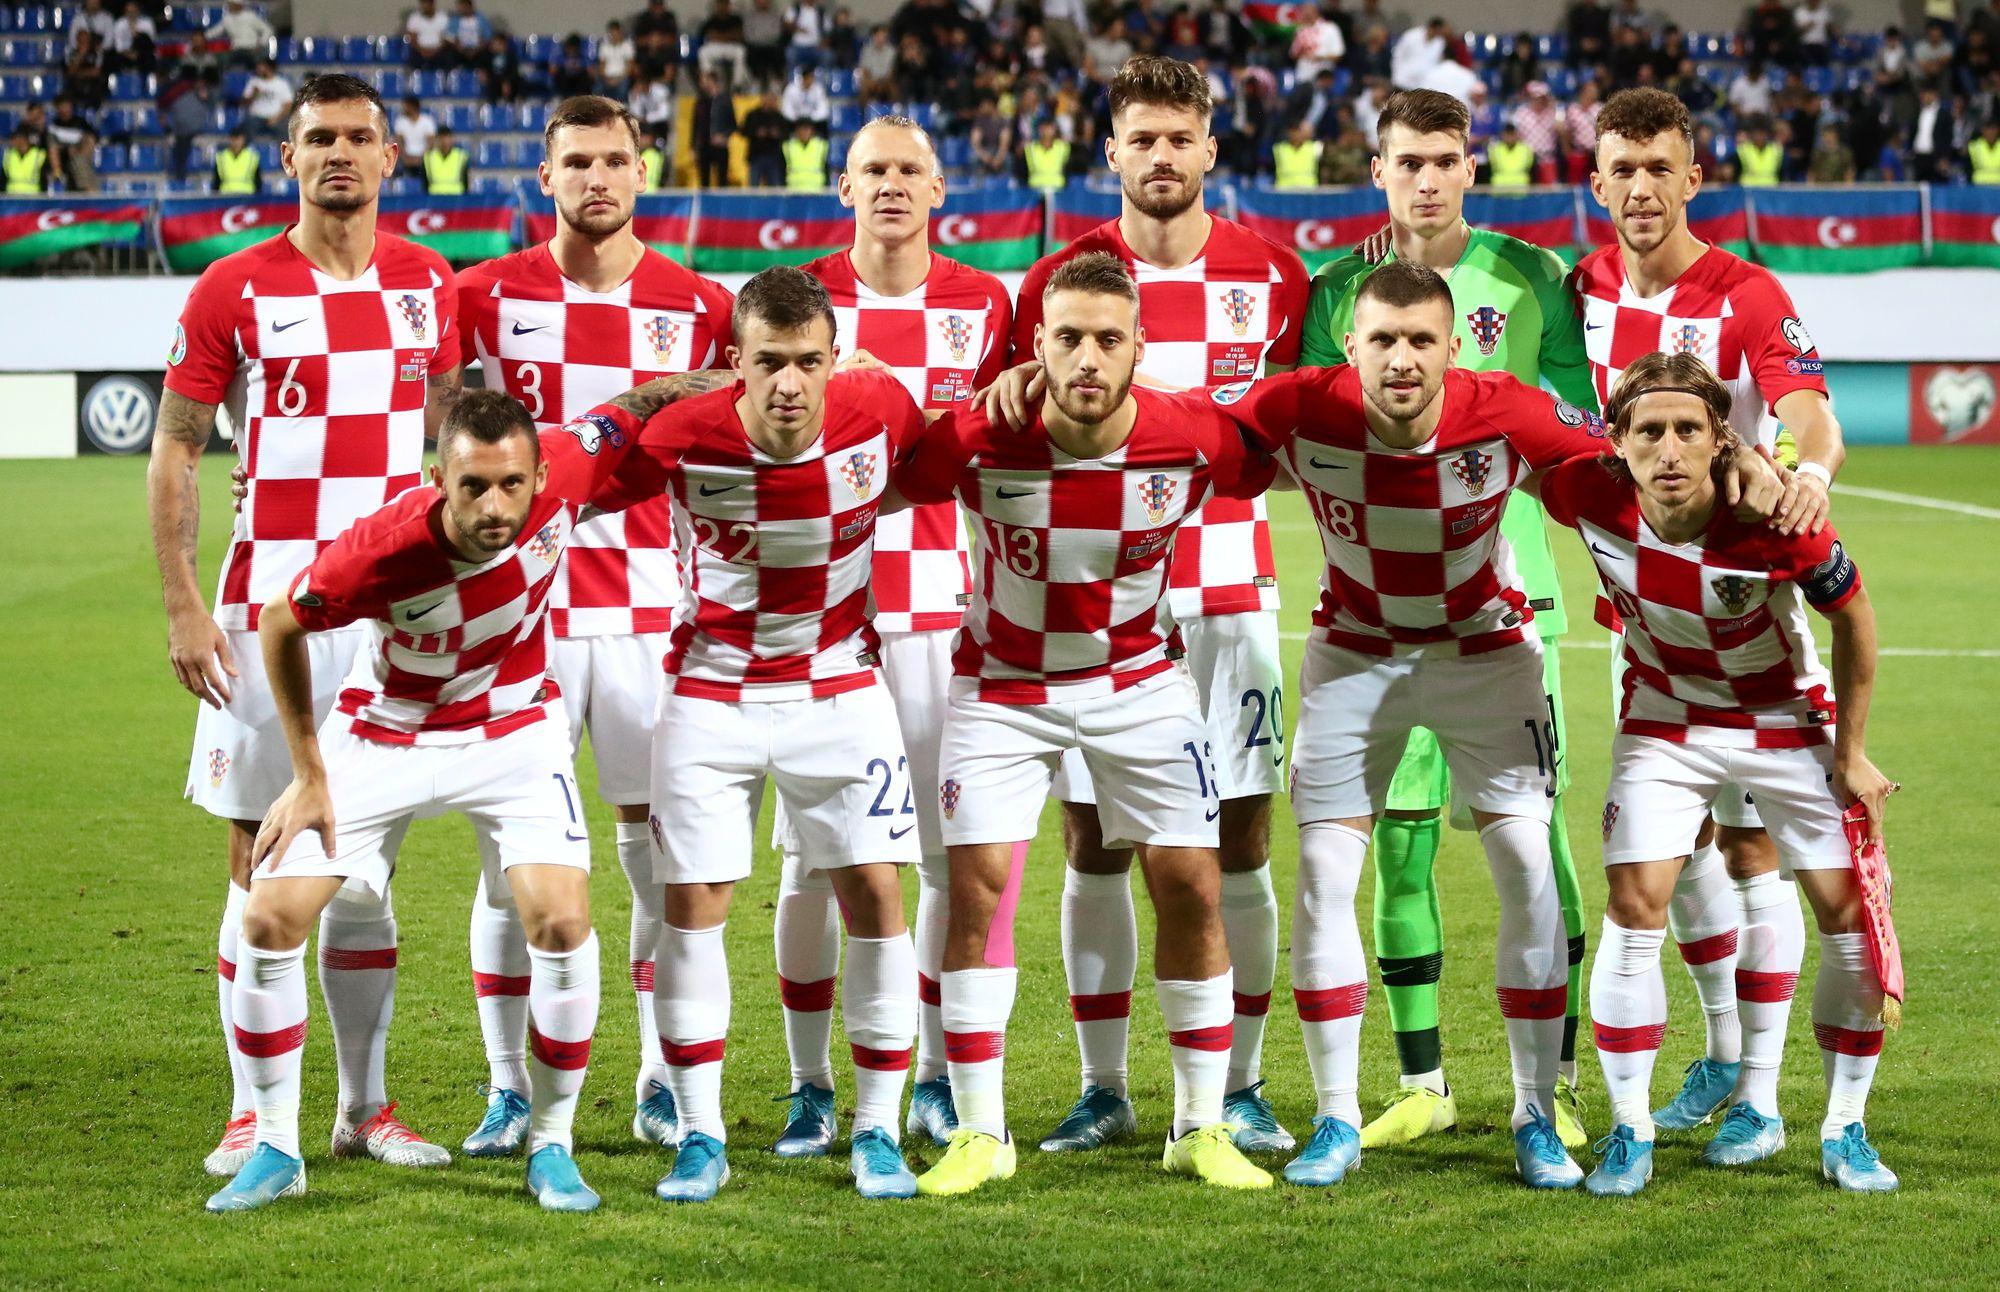 Le nouveau cycle de la Croatie